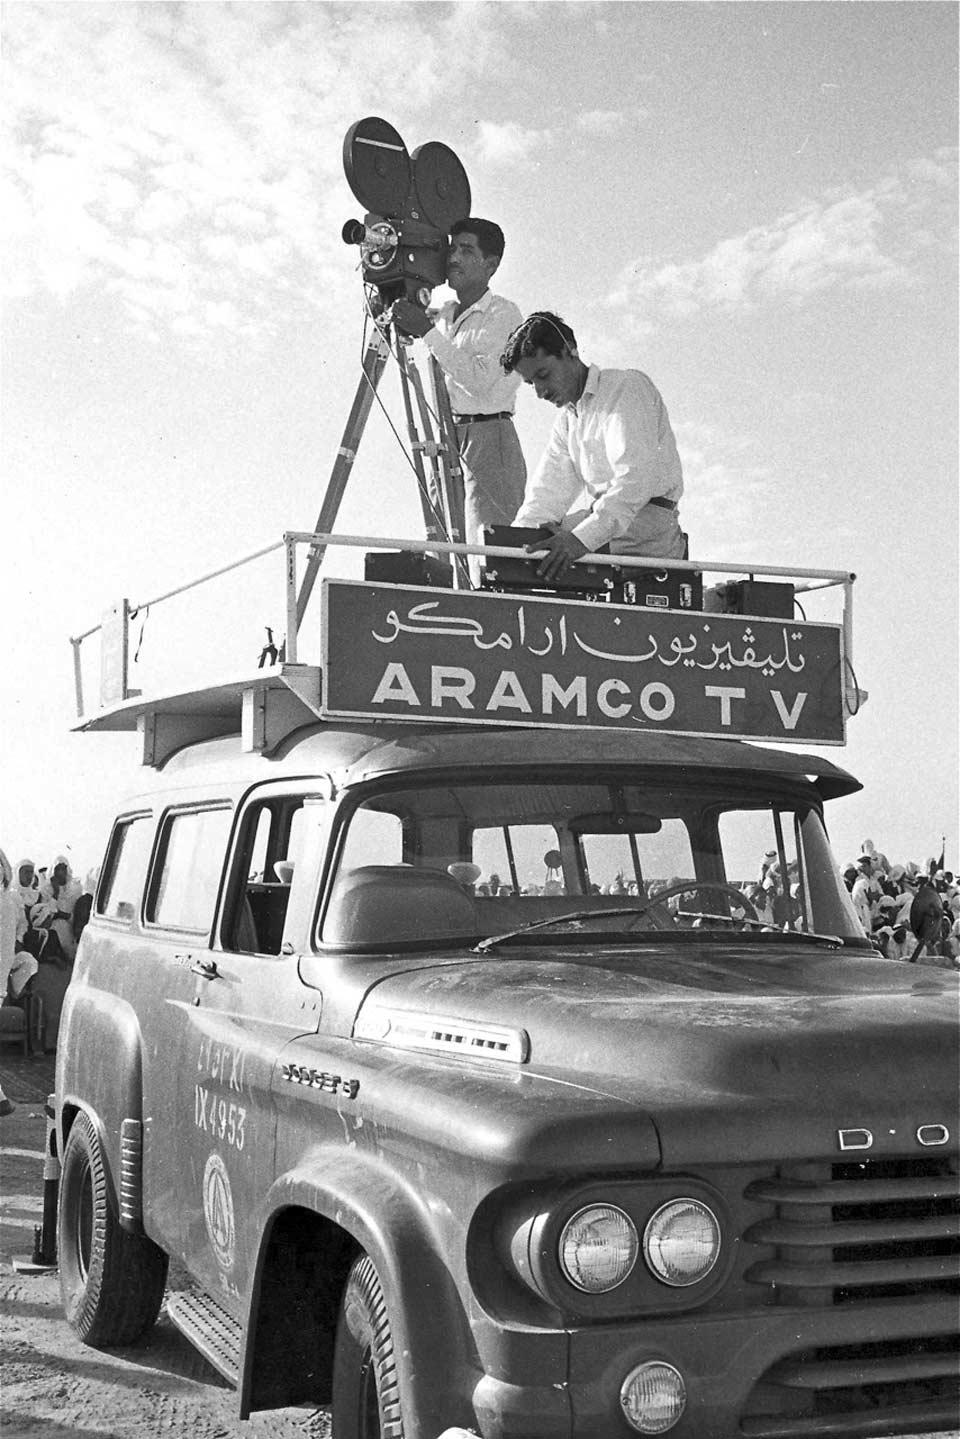 TV crew.